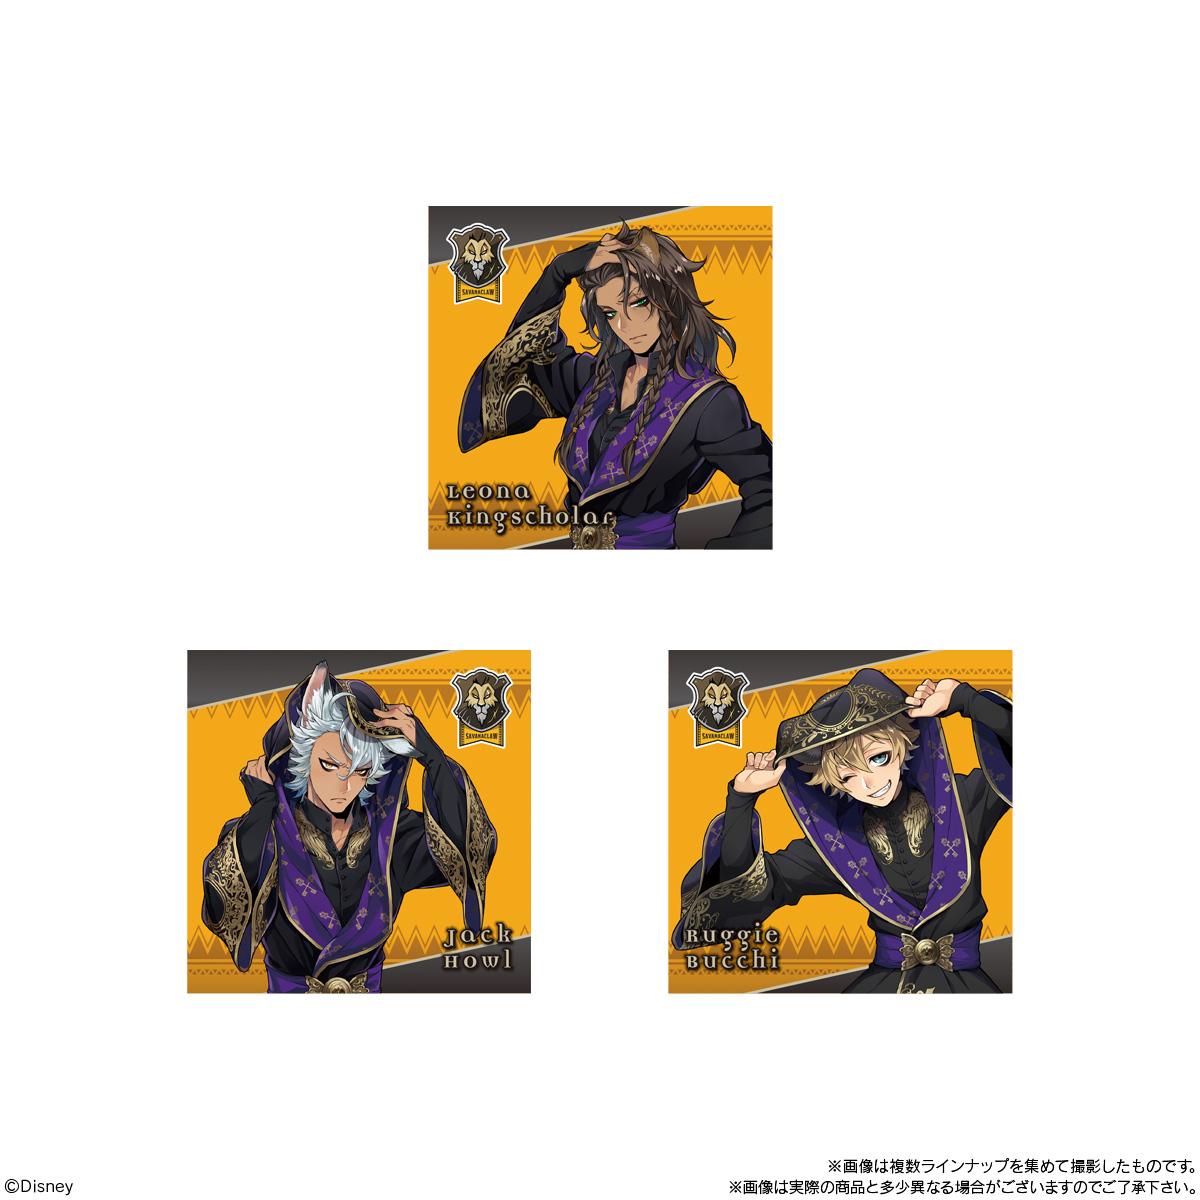 【食玩】ツイステ『ディズニー ツイステッドワンダーランド キャンディグミ』12個入りBOX-003